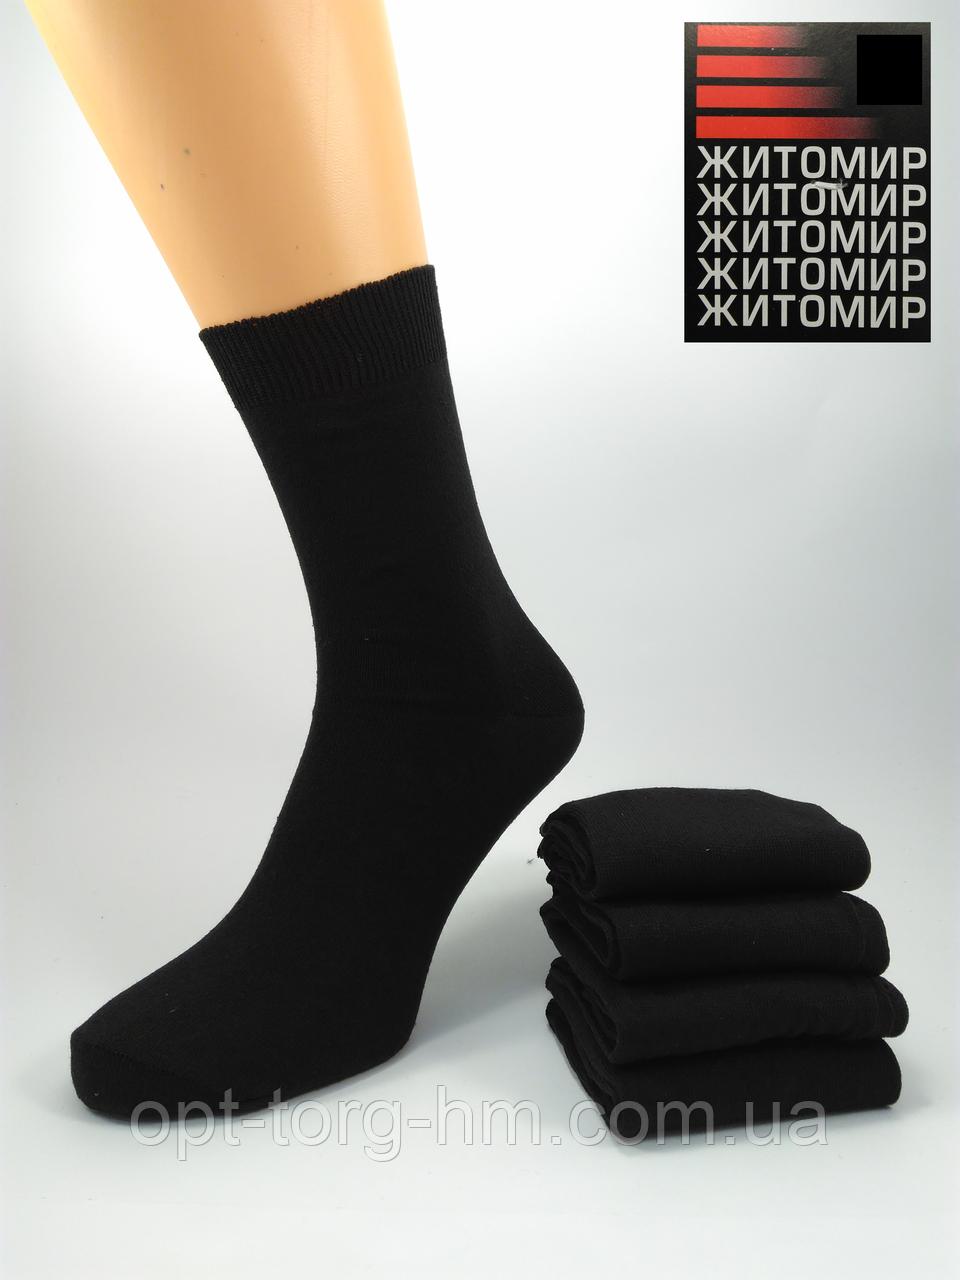 Гладкие мужские носки 27 (41-42ОБУВЬ)